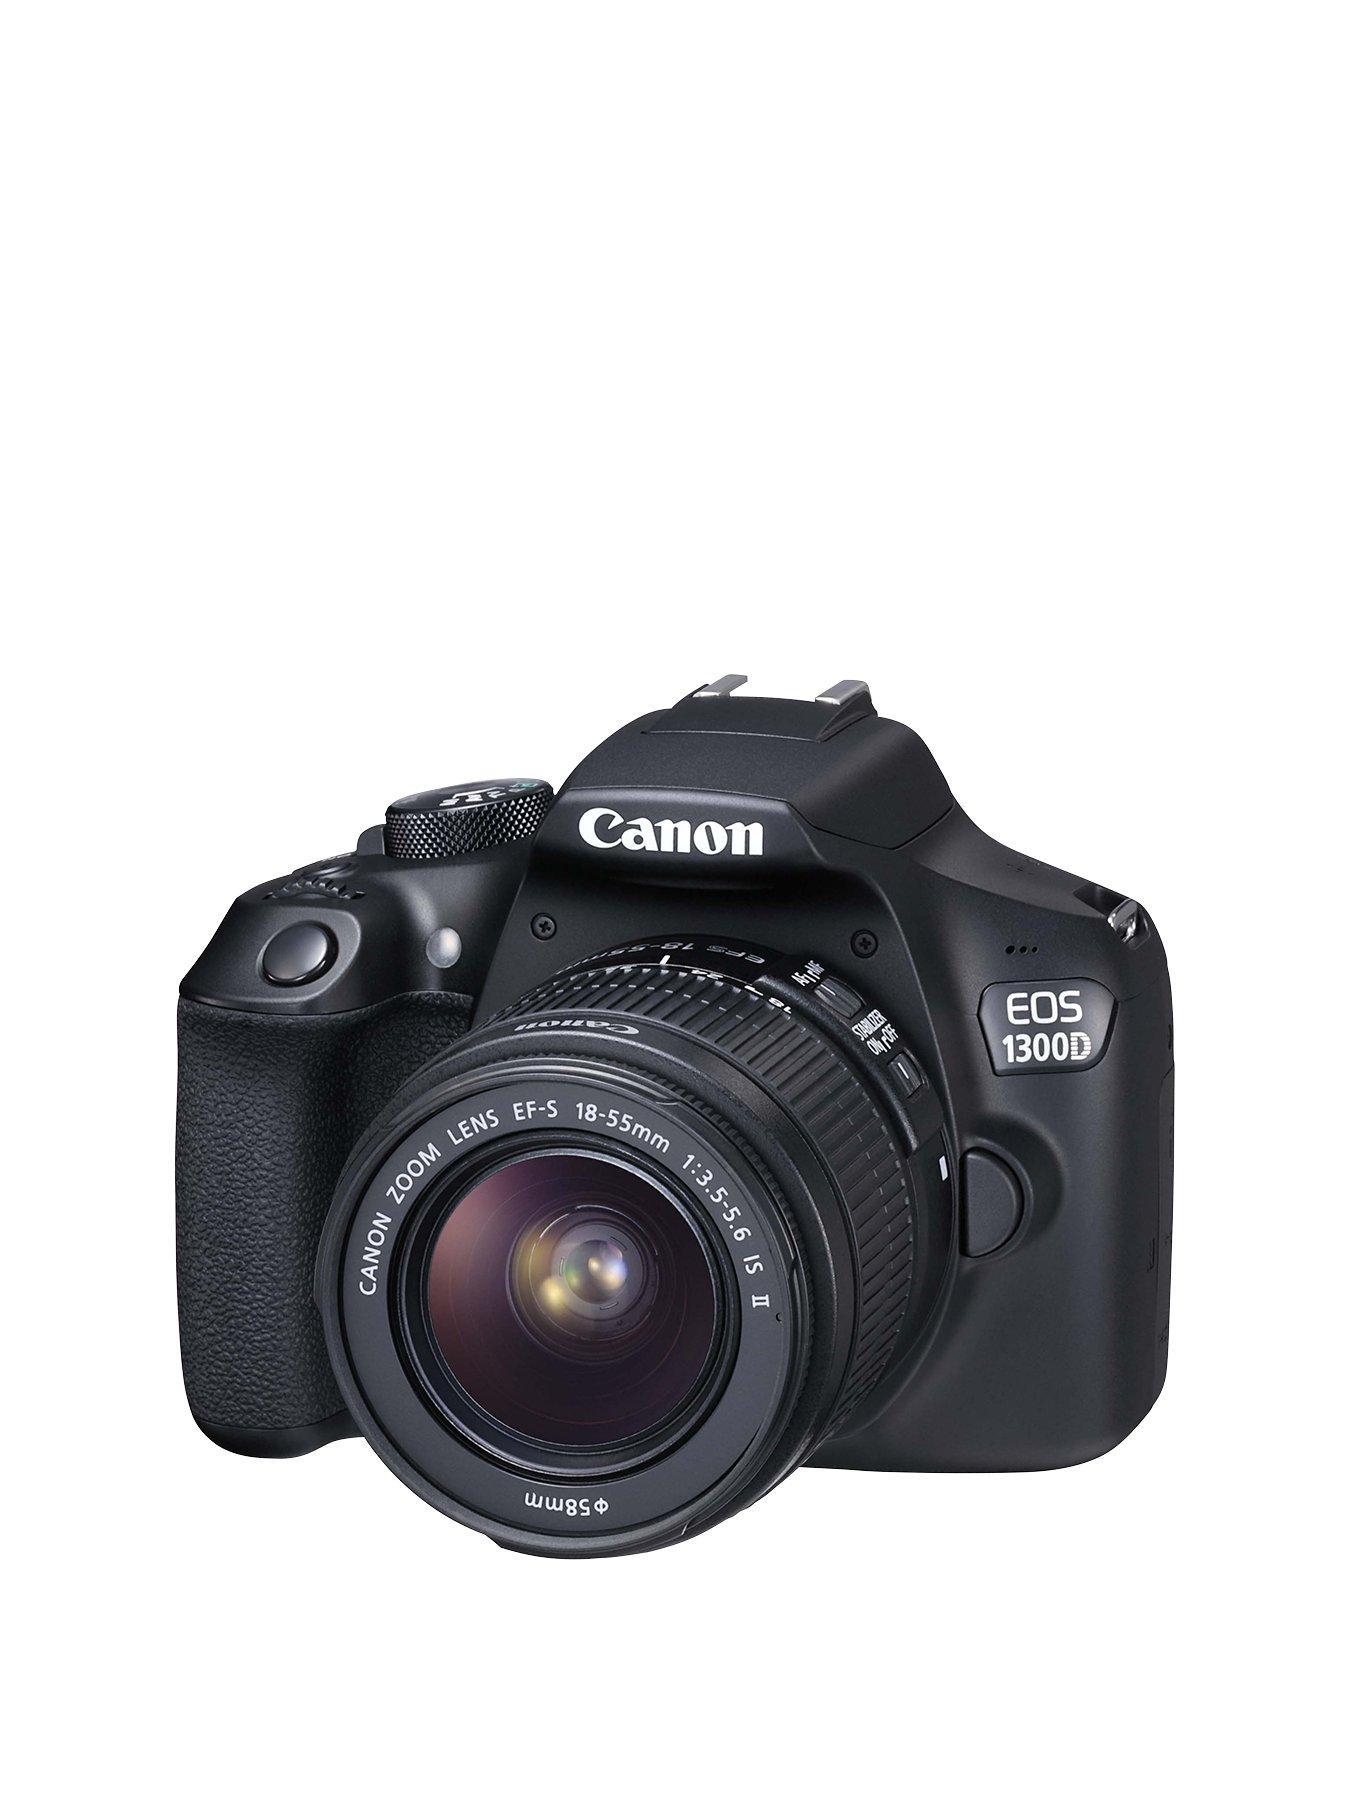 Canon EOS 1300D SLR Camera inc EF-S 18-55mm f/3.5-5.6 Non IS DC III Lens